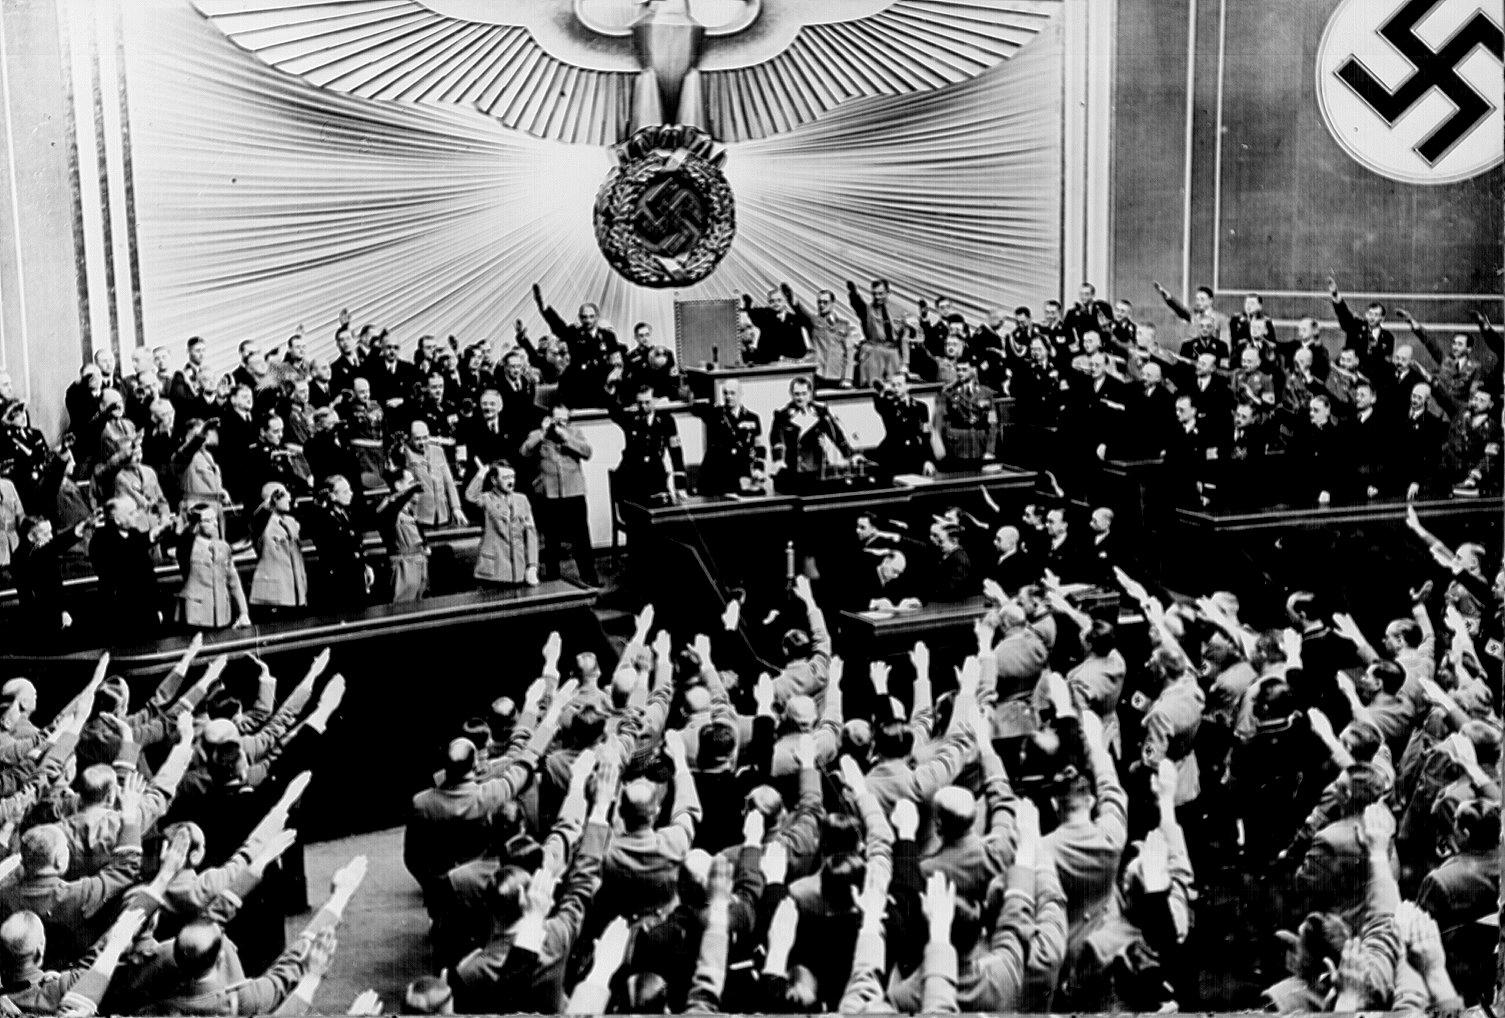 ナチスドイツ第二次世界大戦ポーランド侵攻